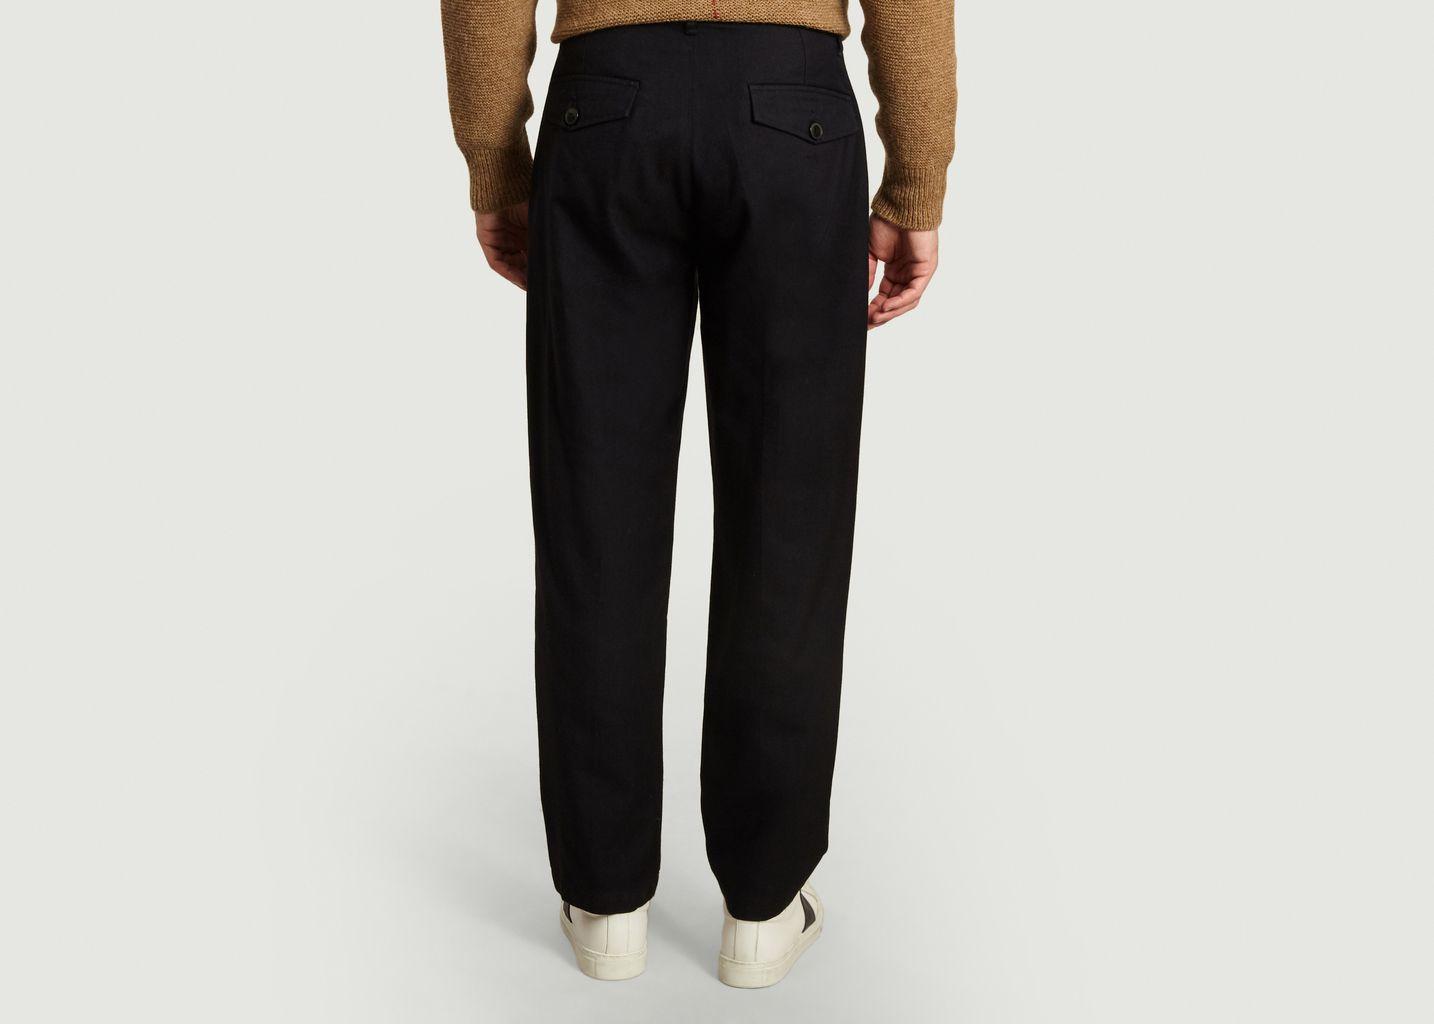 Pantalon à pinces en laine et coton - Outland